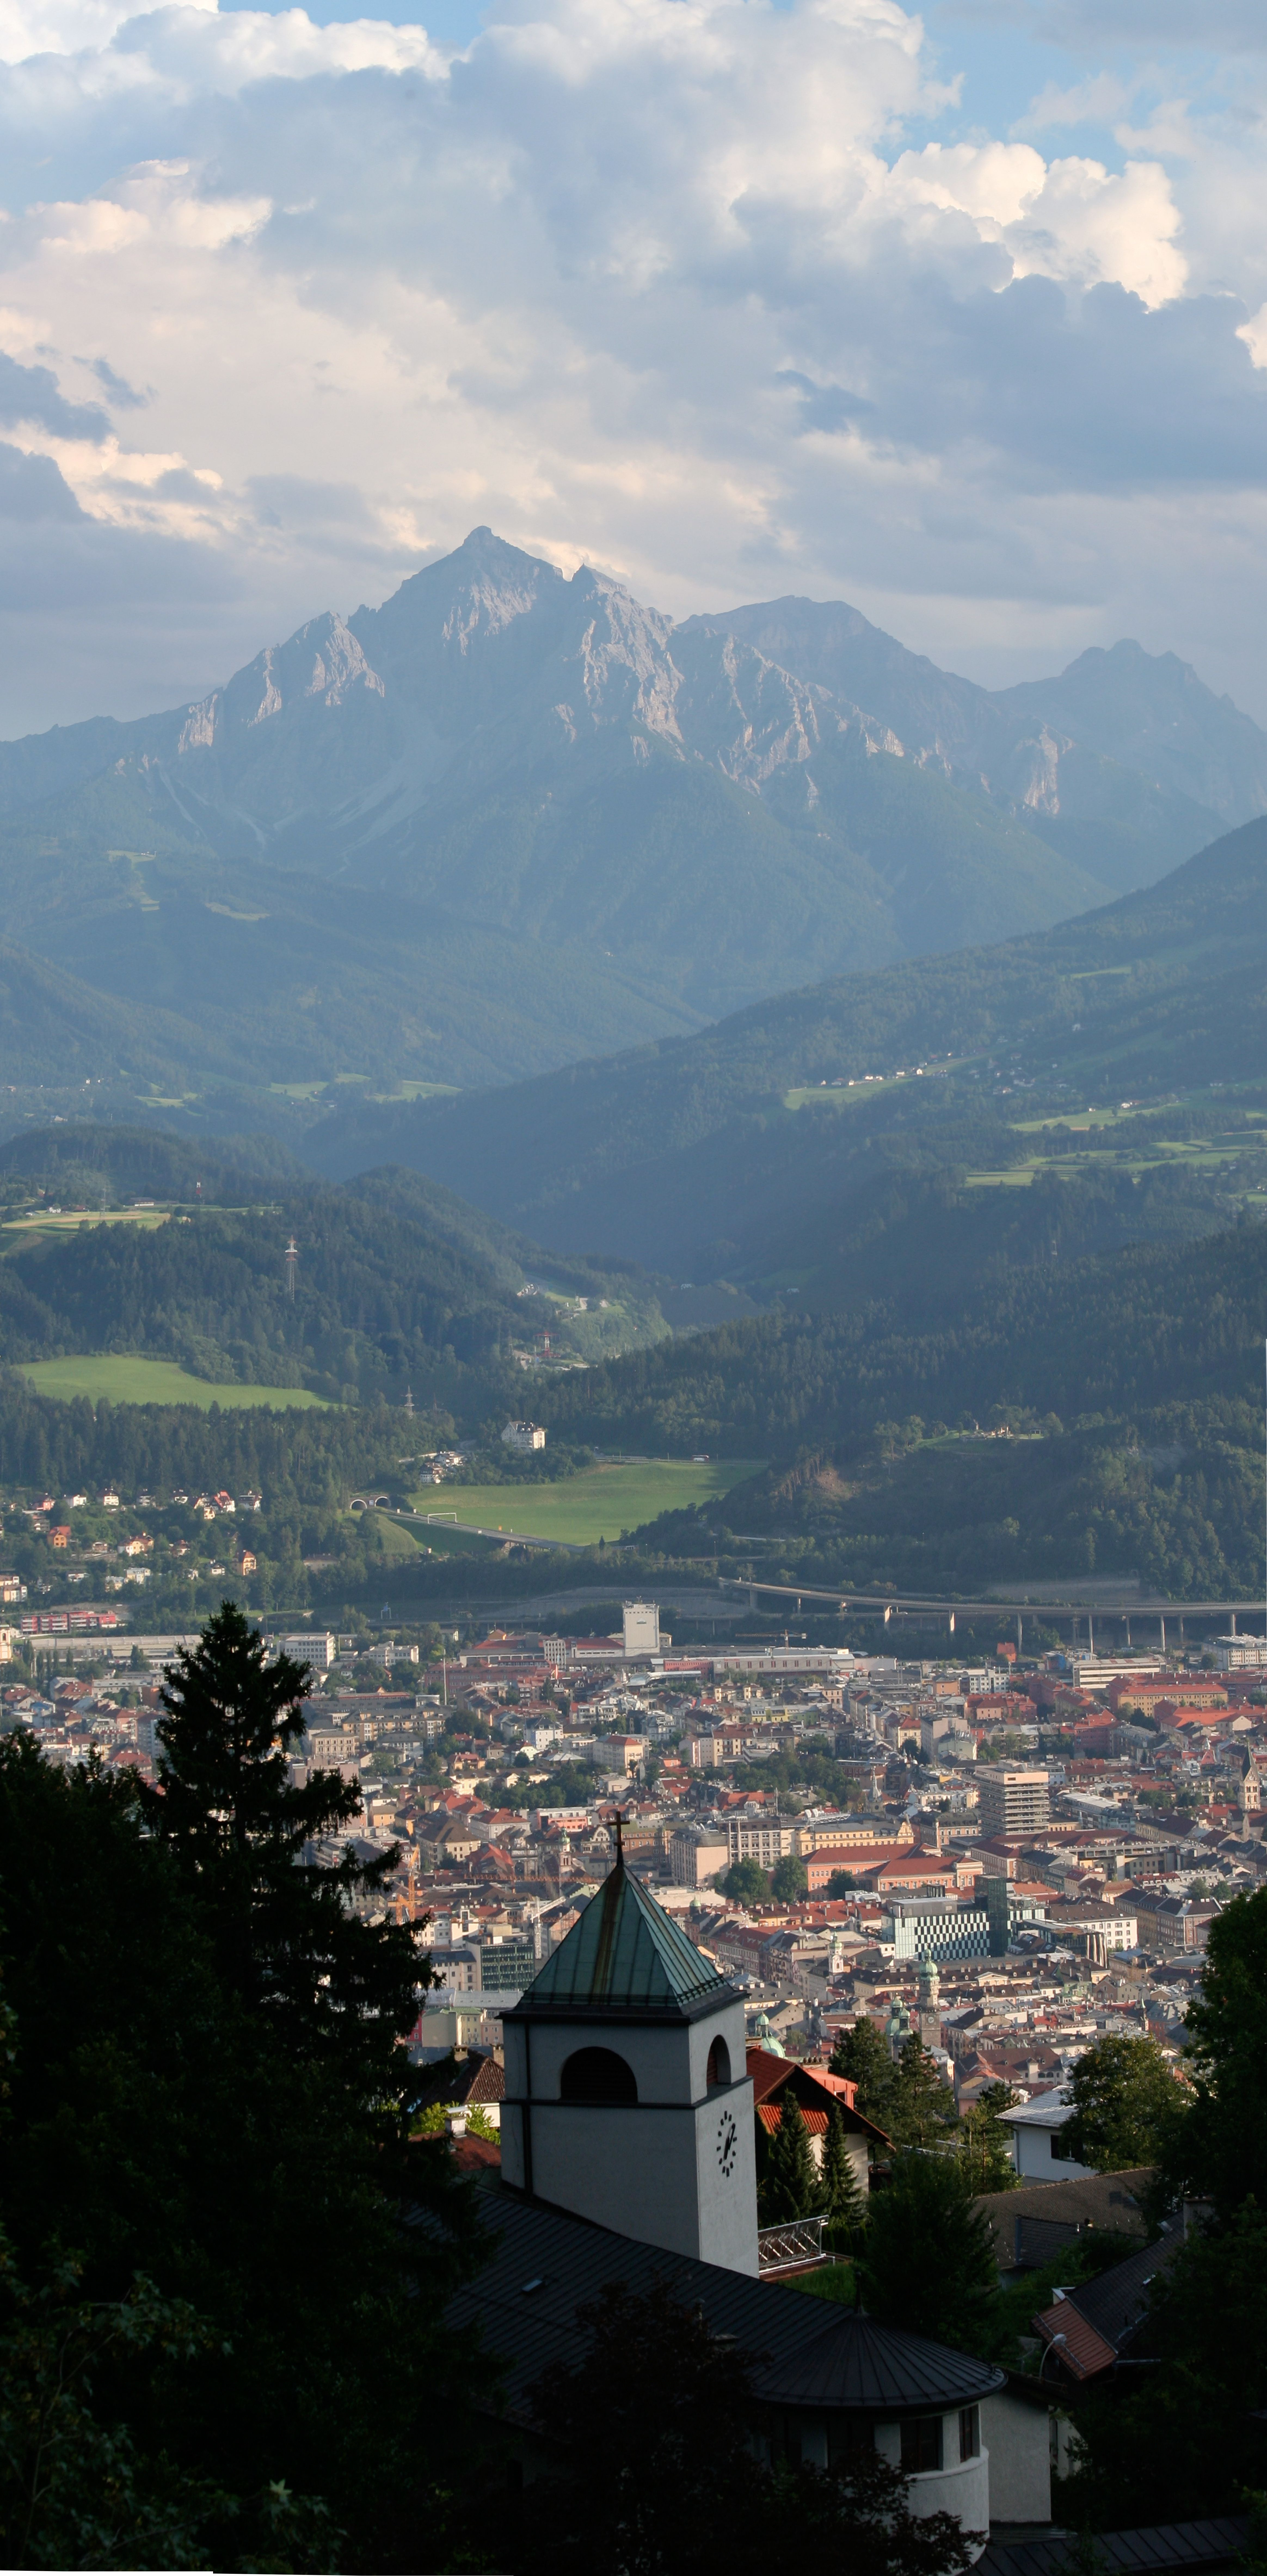 Overlooking Innsbruck